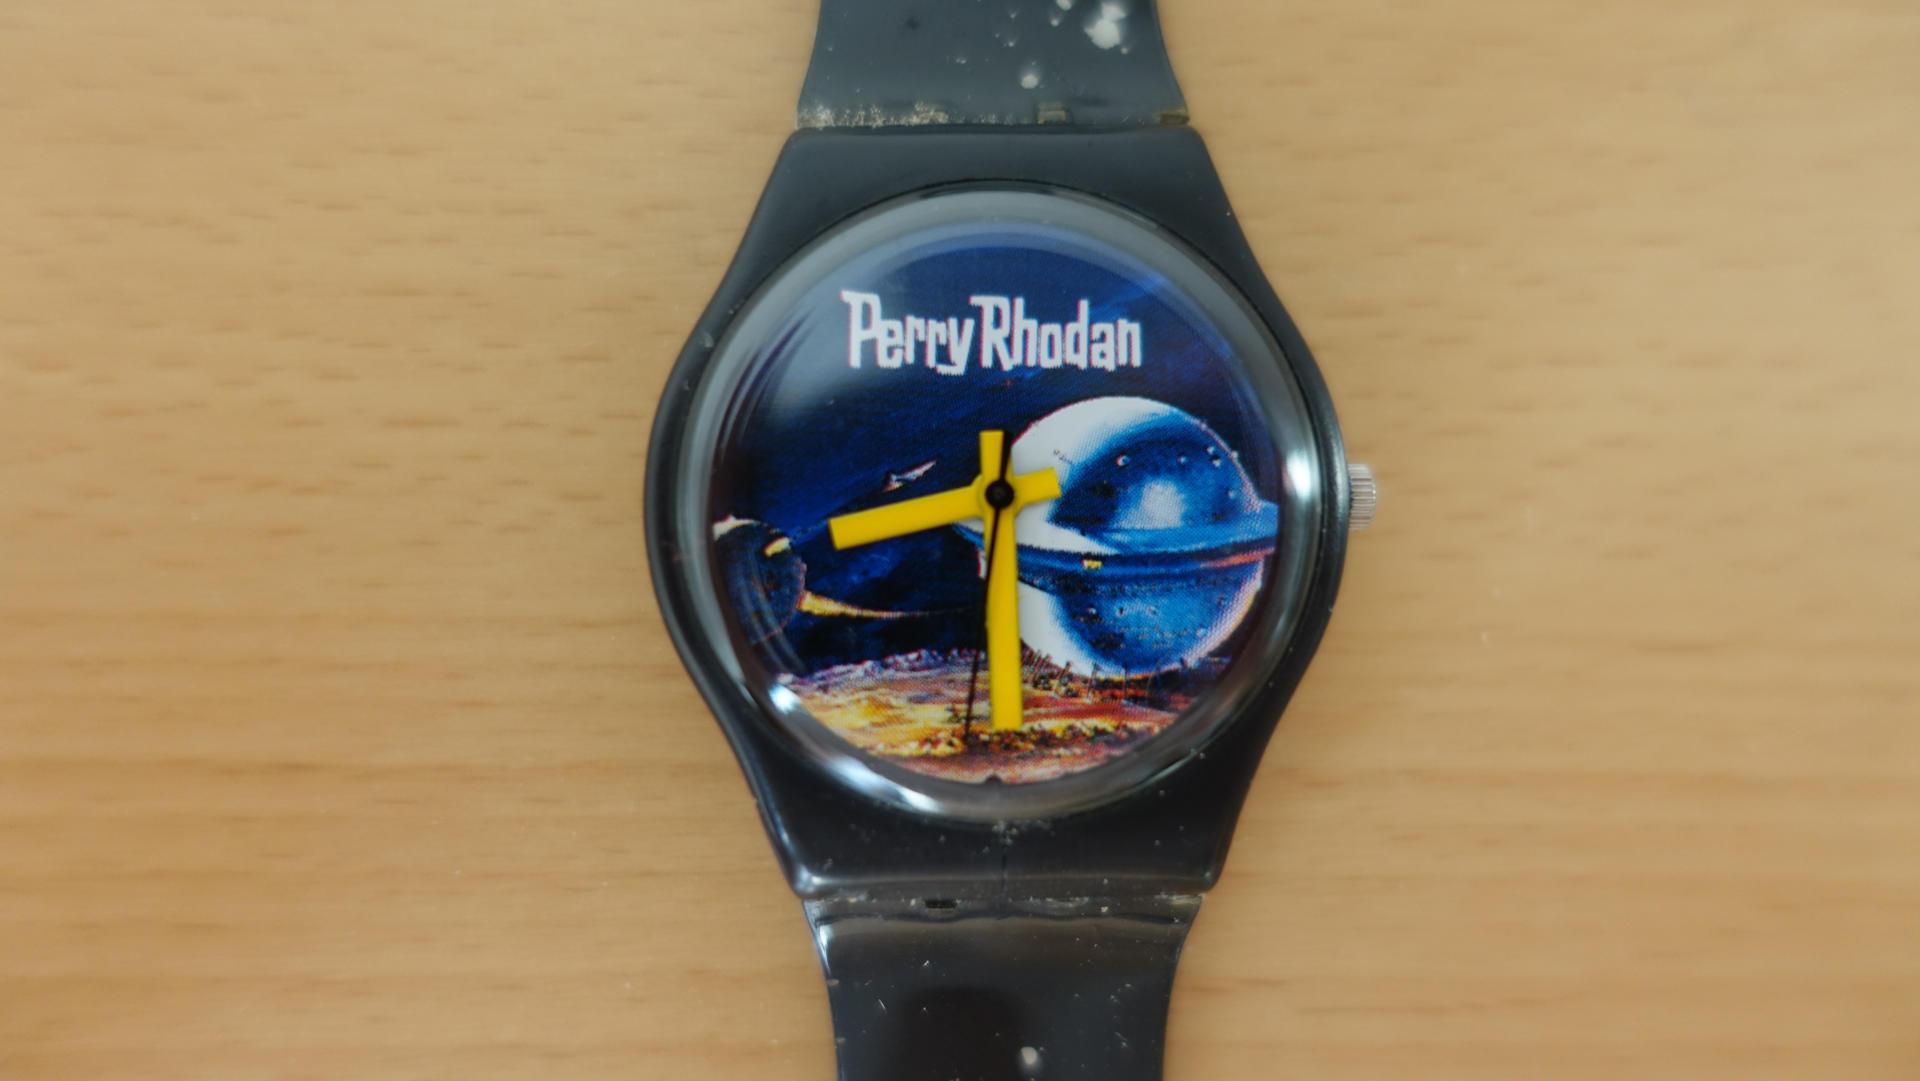 Perry Rhodan Watch